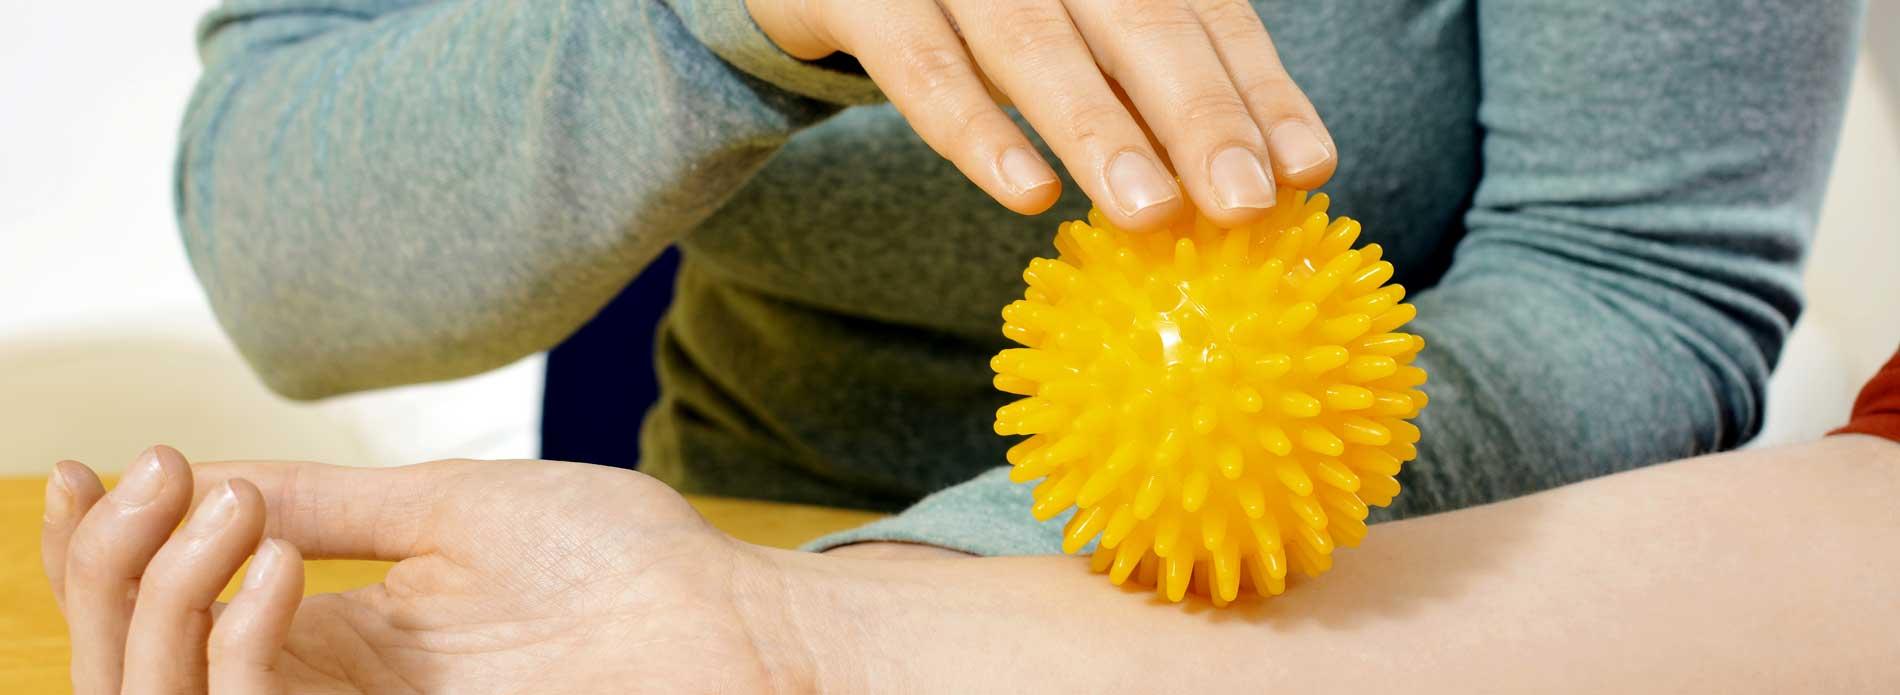 Die Ergotherapie ist fester Bestandteil der Behandlung der Hemiparese